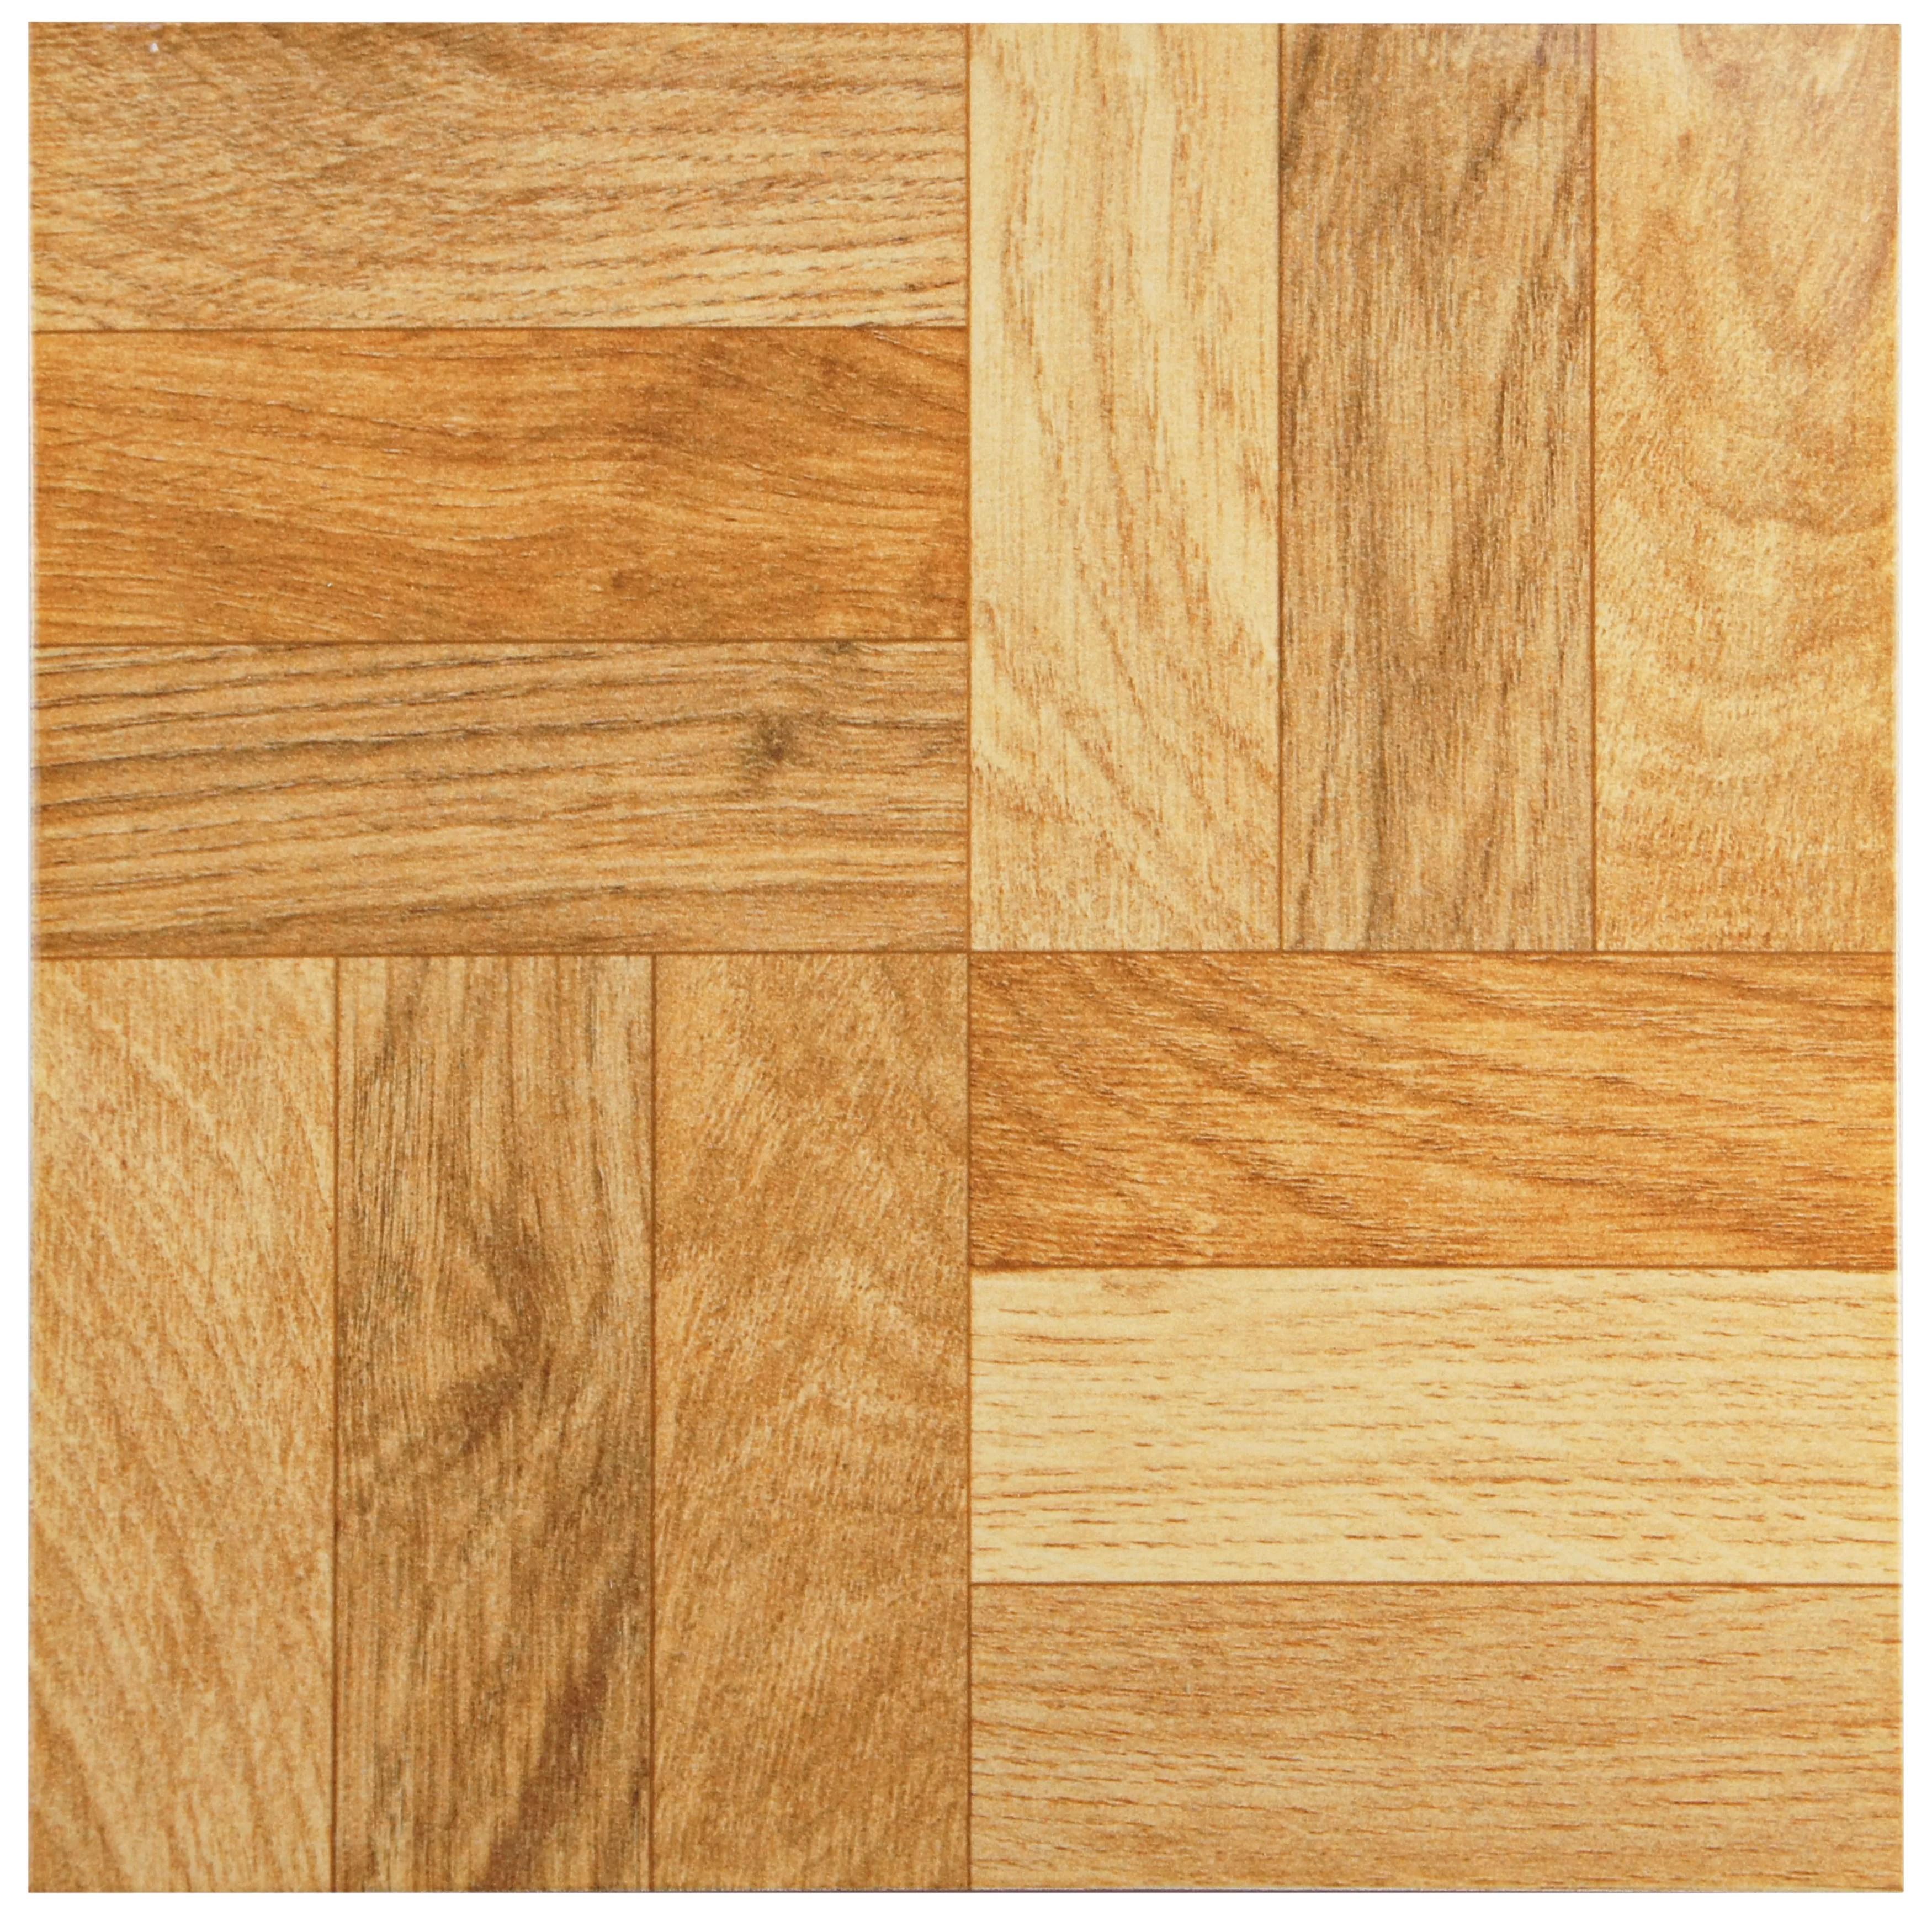 alabama 12 x 12 ceramic wood look wall floor tile